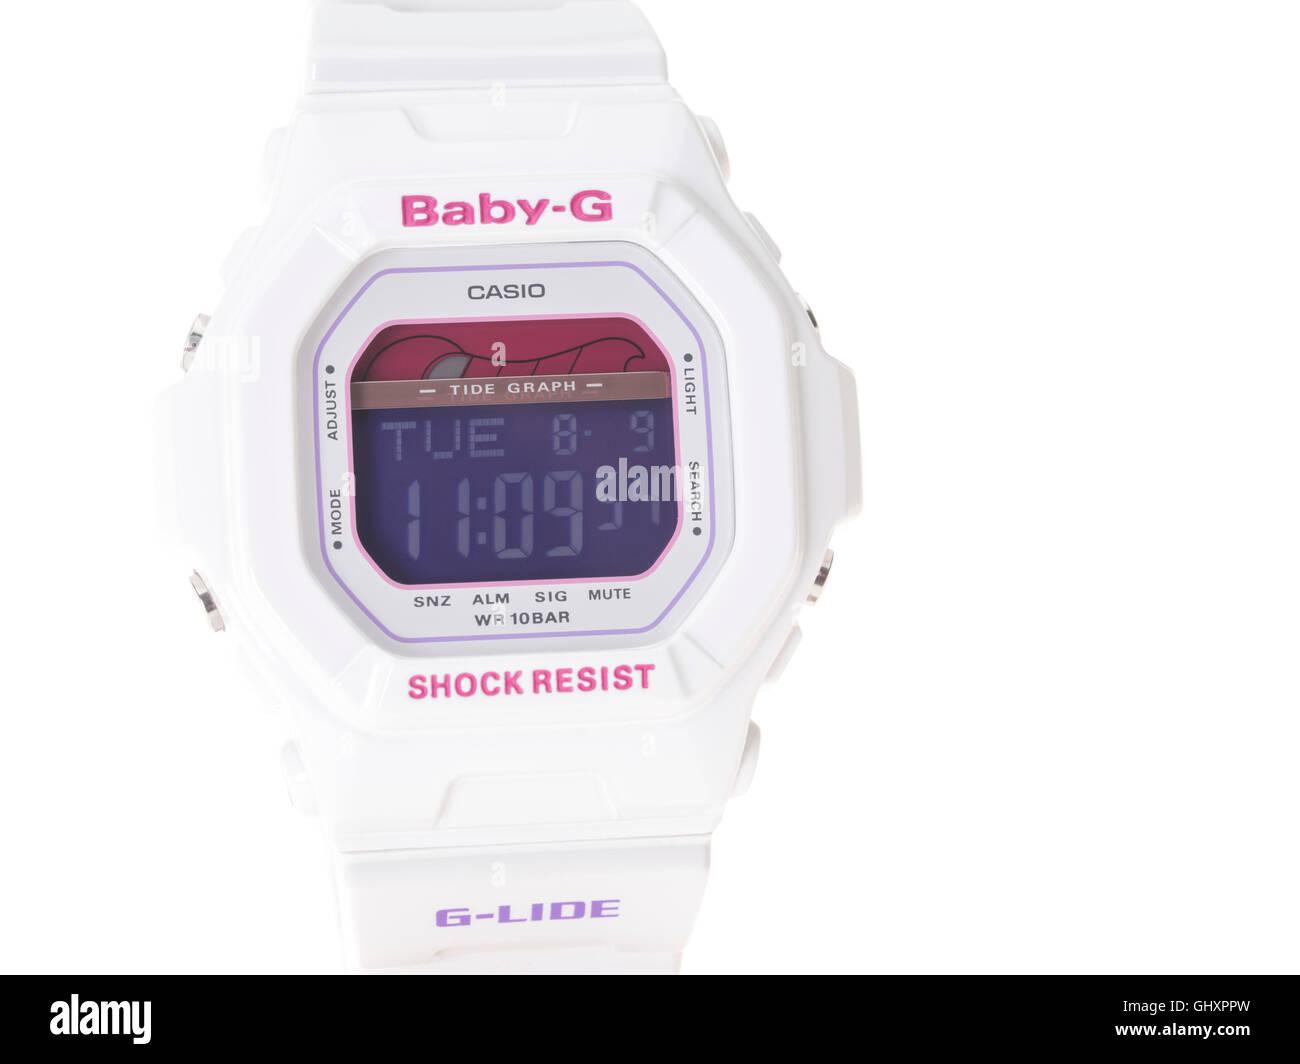 Casio Baby-G G-Shock reloj deportivo digital con gráfico de mareas Imagen De Stock